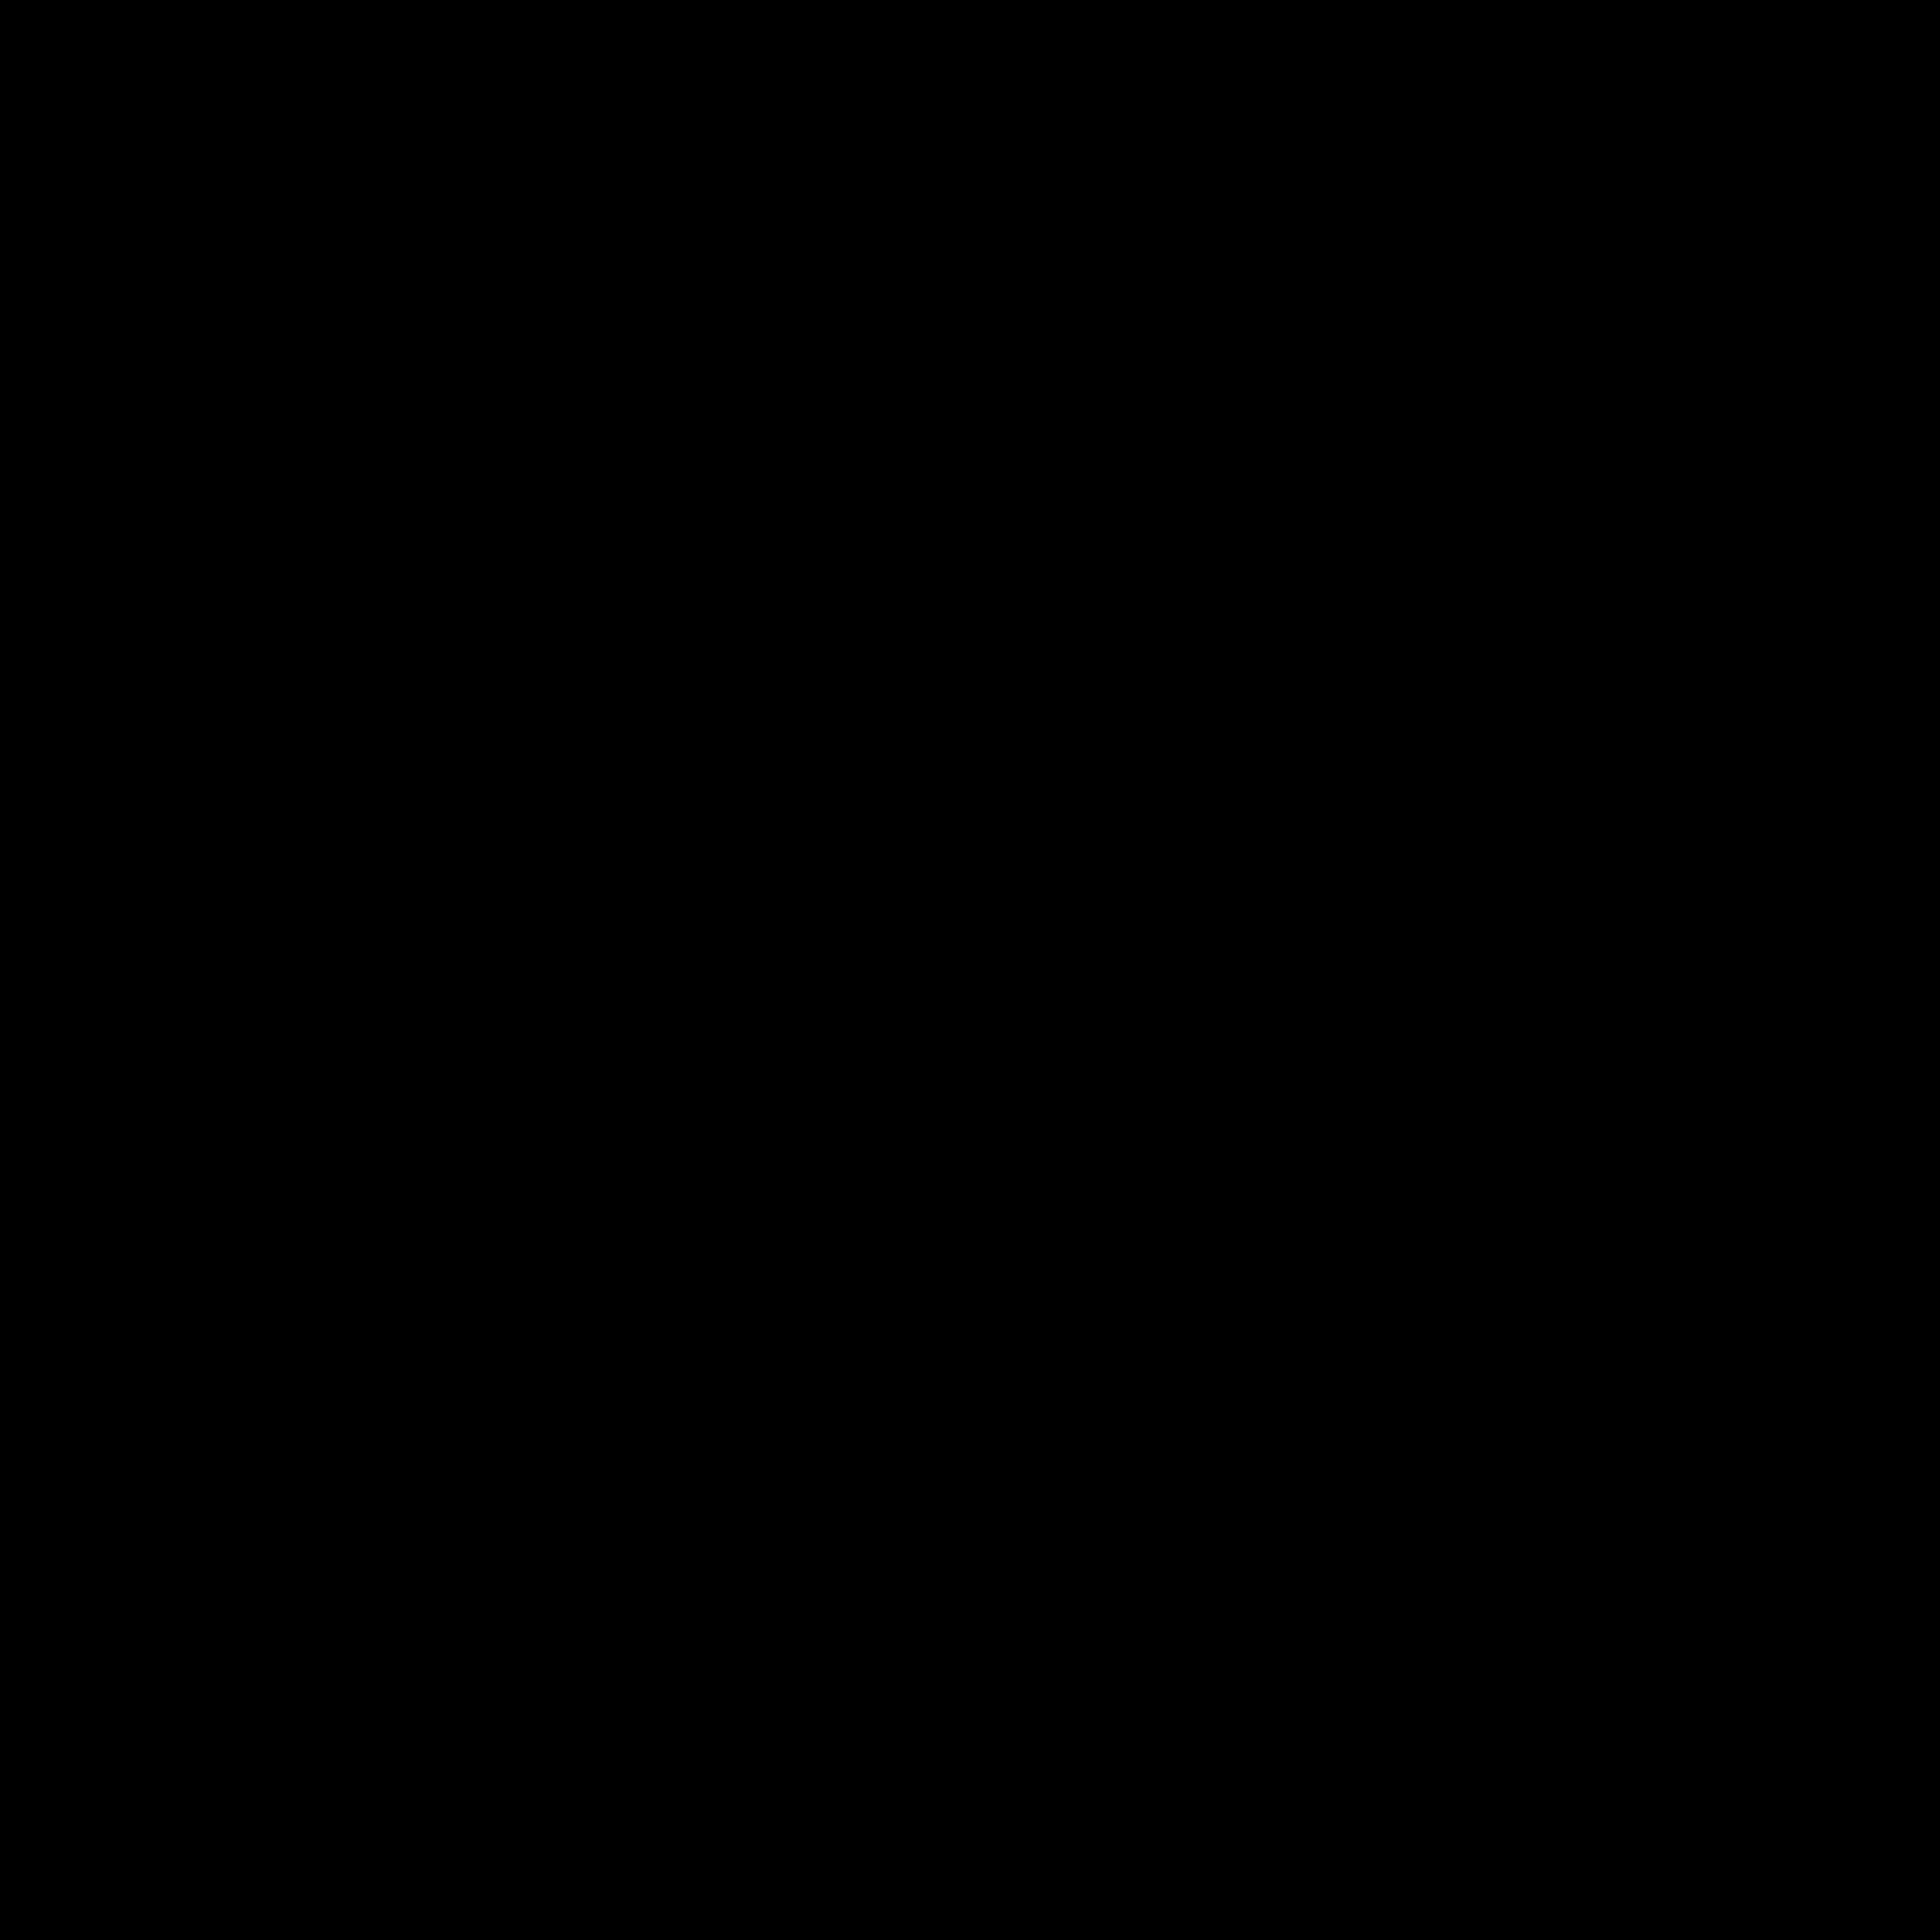 mysql icon